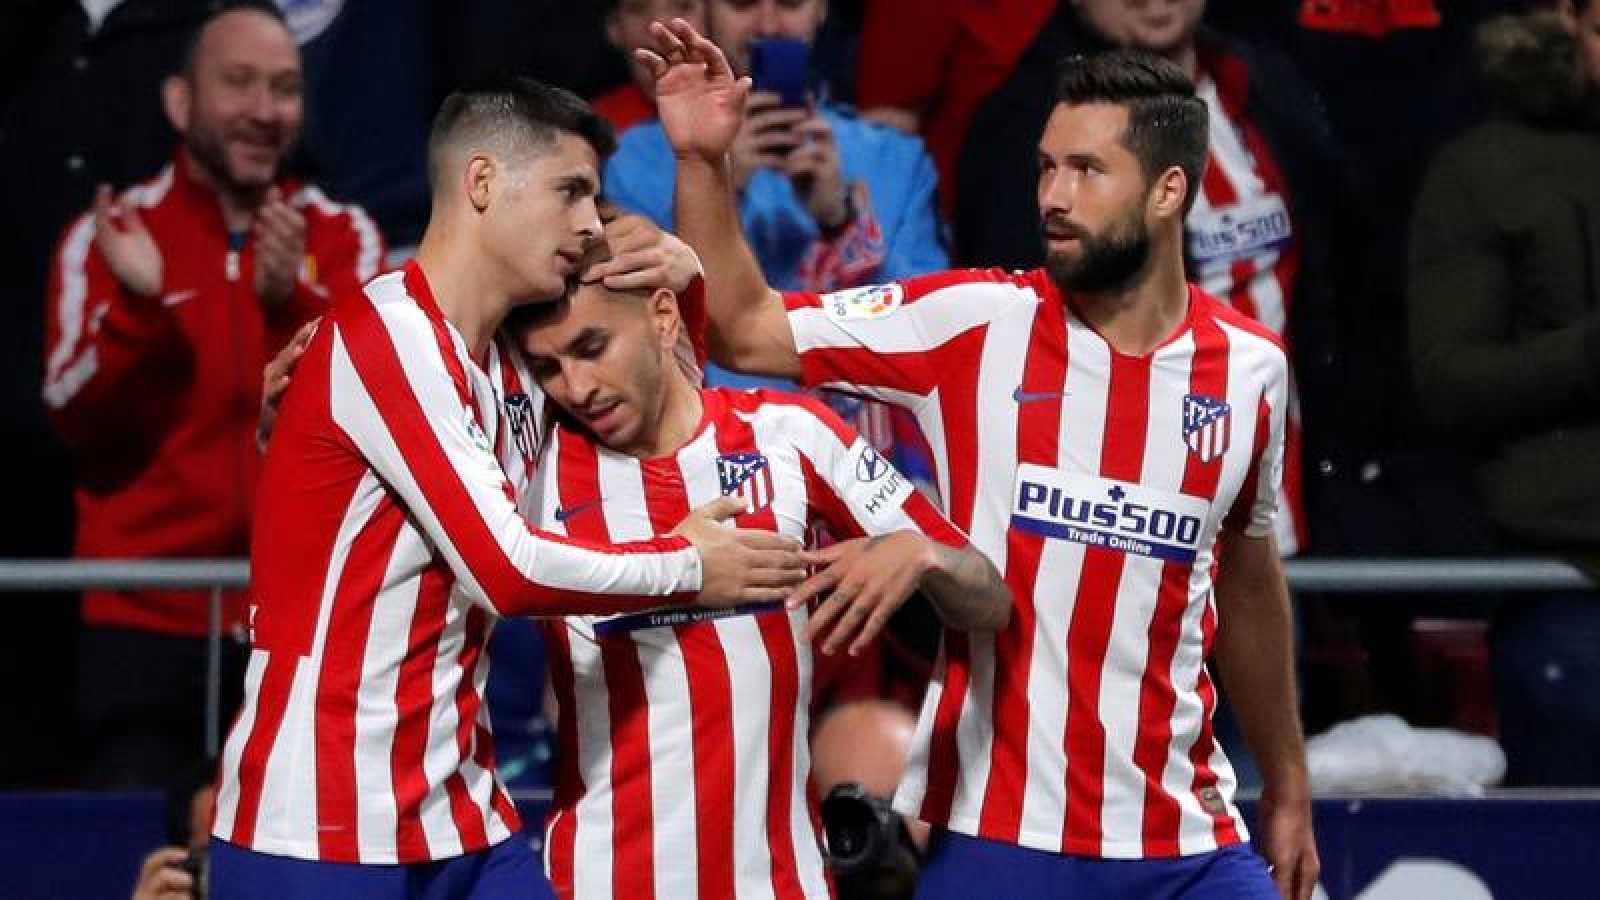 Los jugadores del Atlético, Correa, Morata y Felipe celebran el tanto del argentino ante el Villarreal.